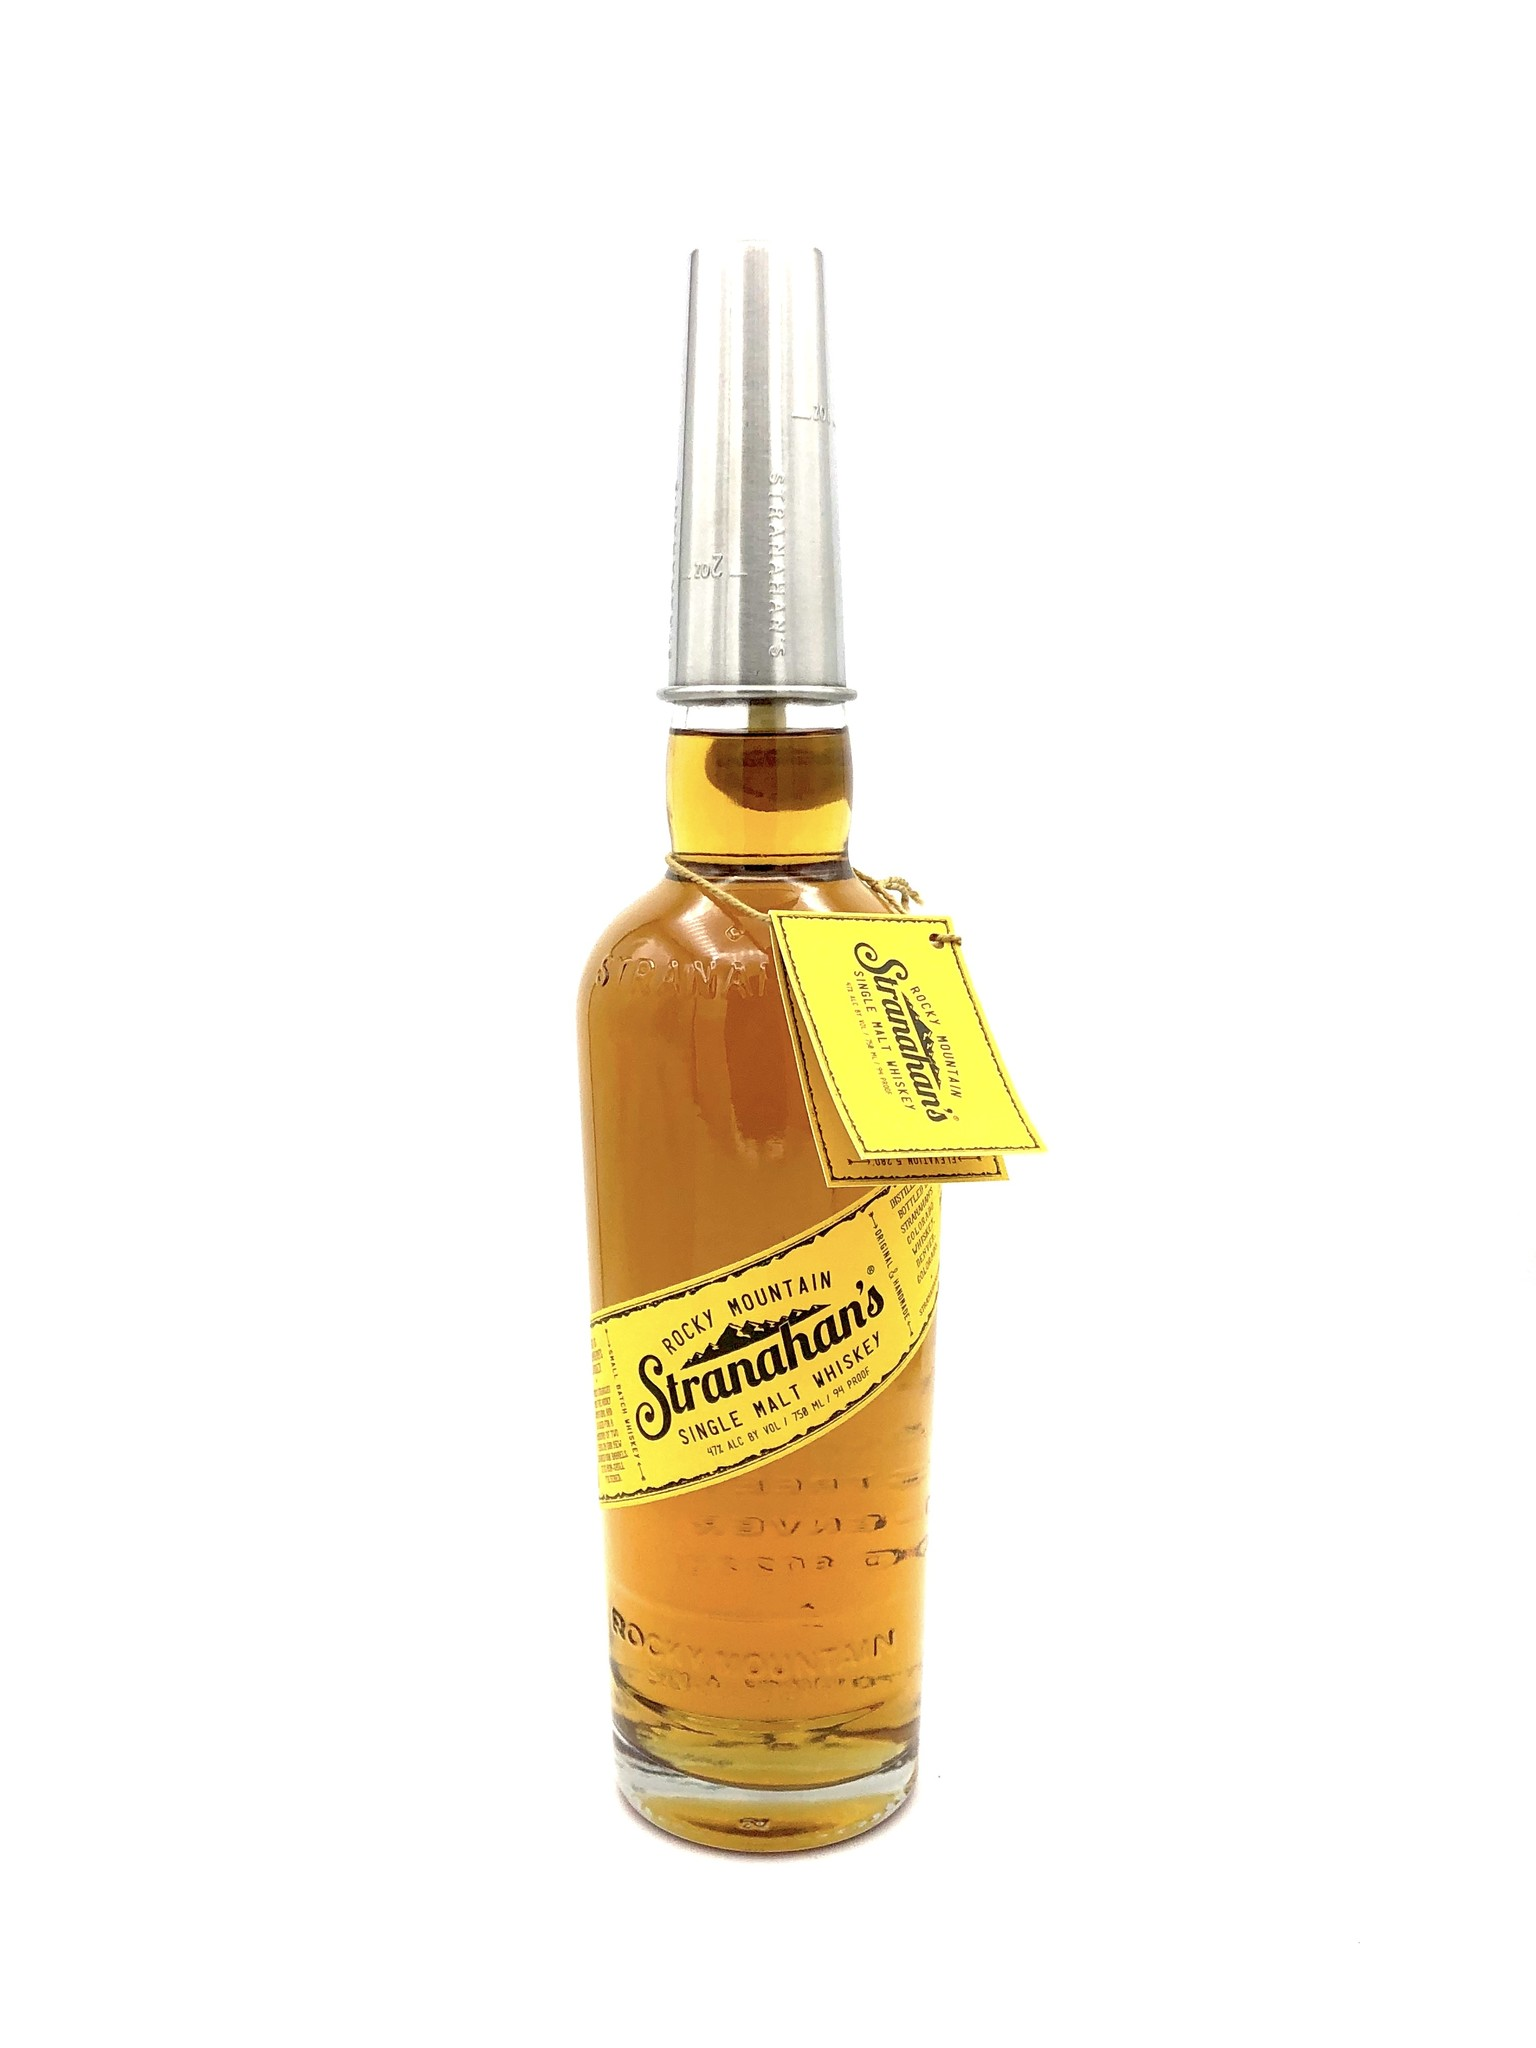 Colorado Whiskey Stranahan's